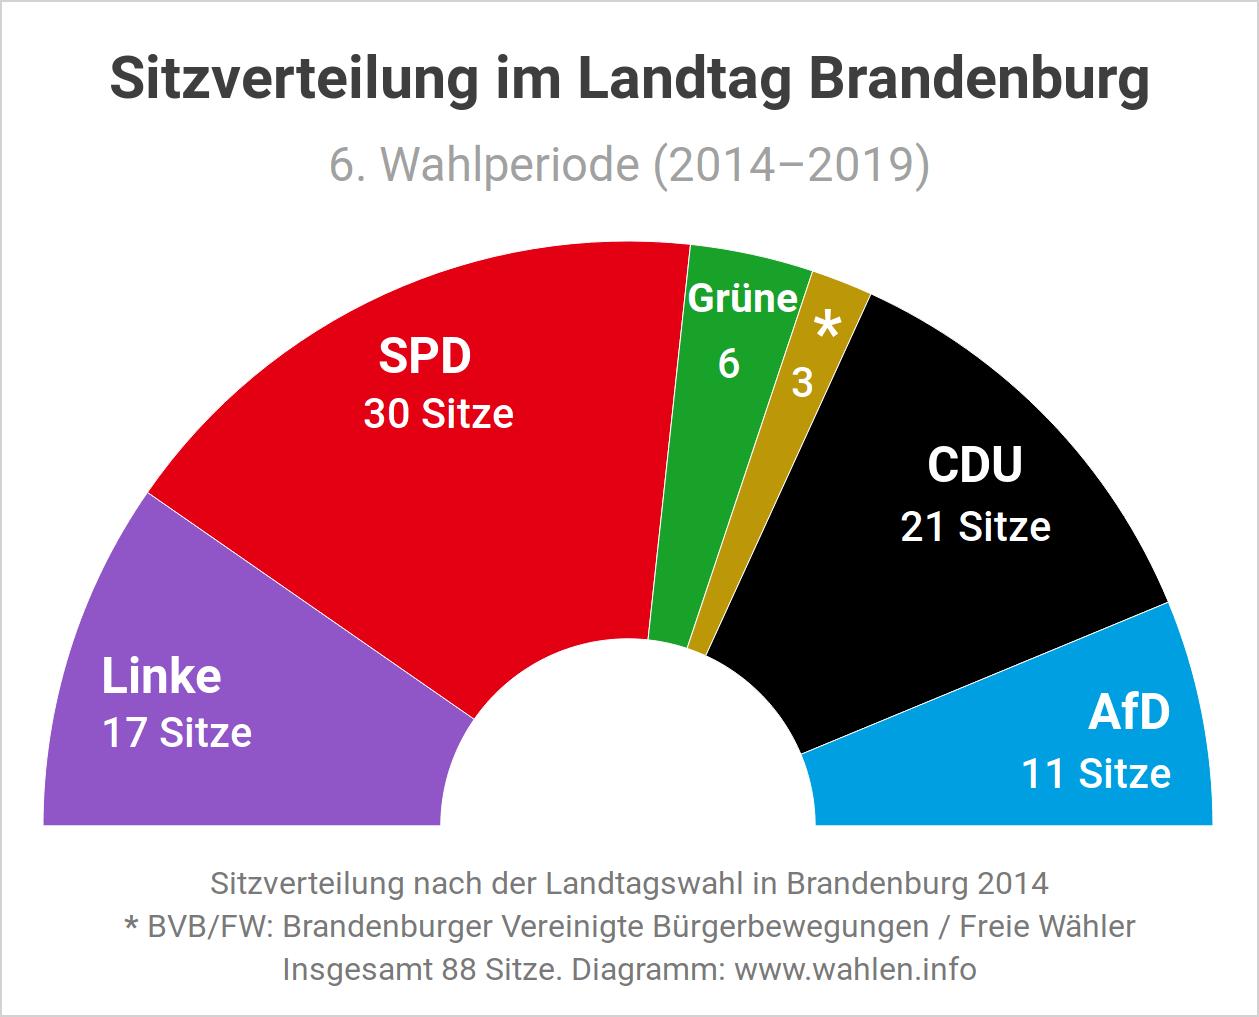 Sitzverteilung im Landtag Brandenburg nach der Landtagswahl (Ausgangslage)